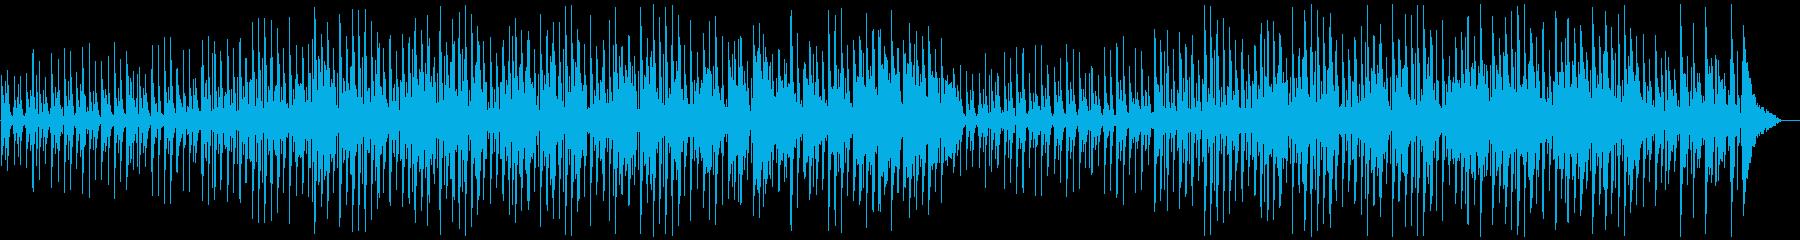 キラキラ可愛いモフモフした印象のBGMの再生済みの波形